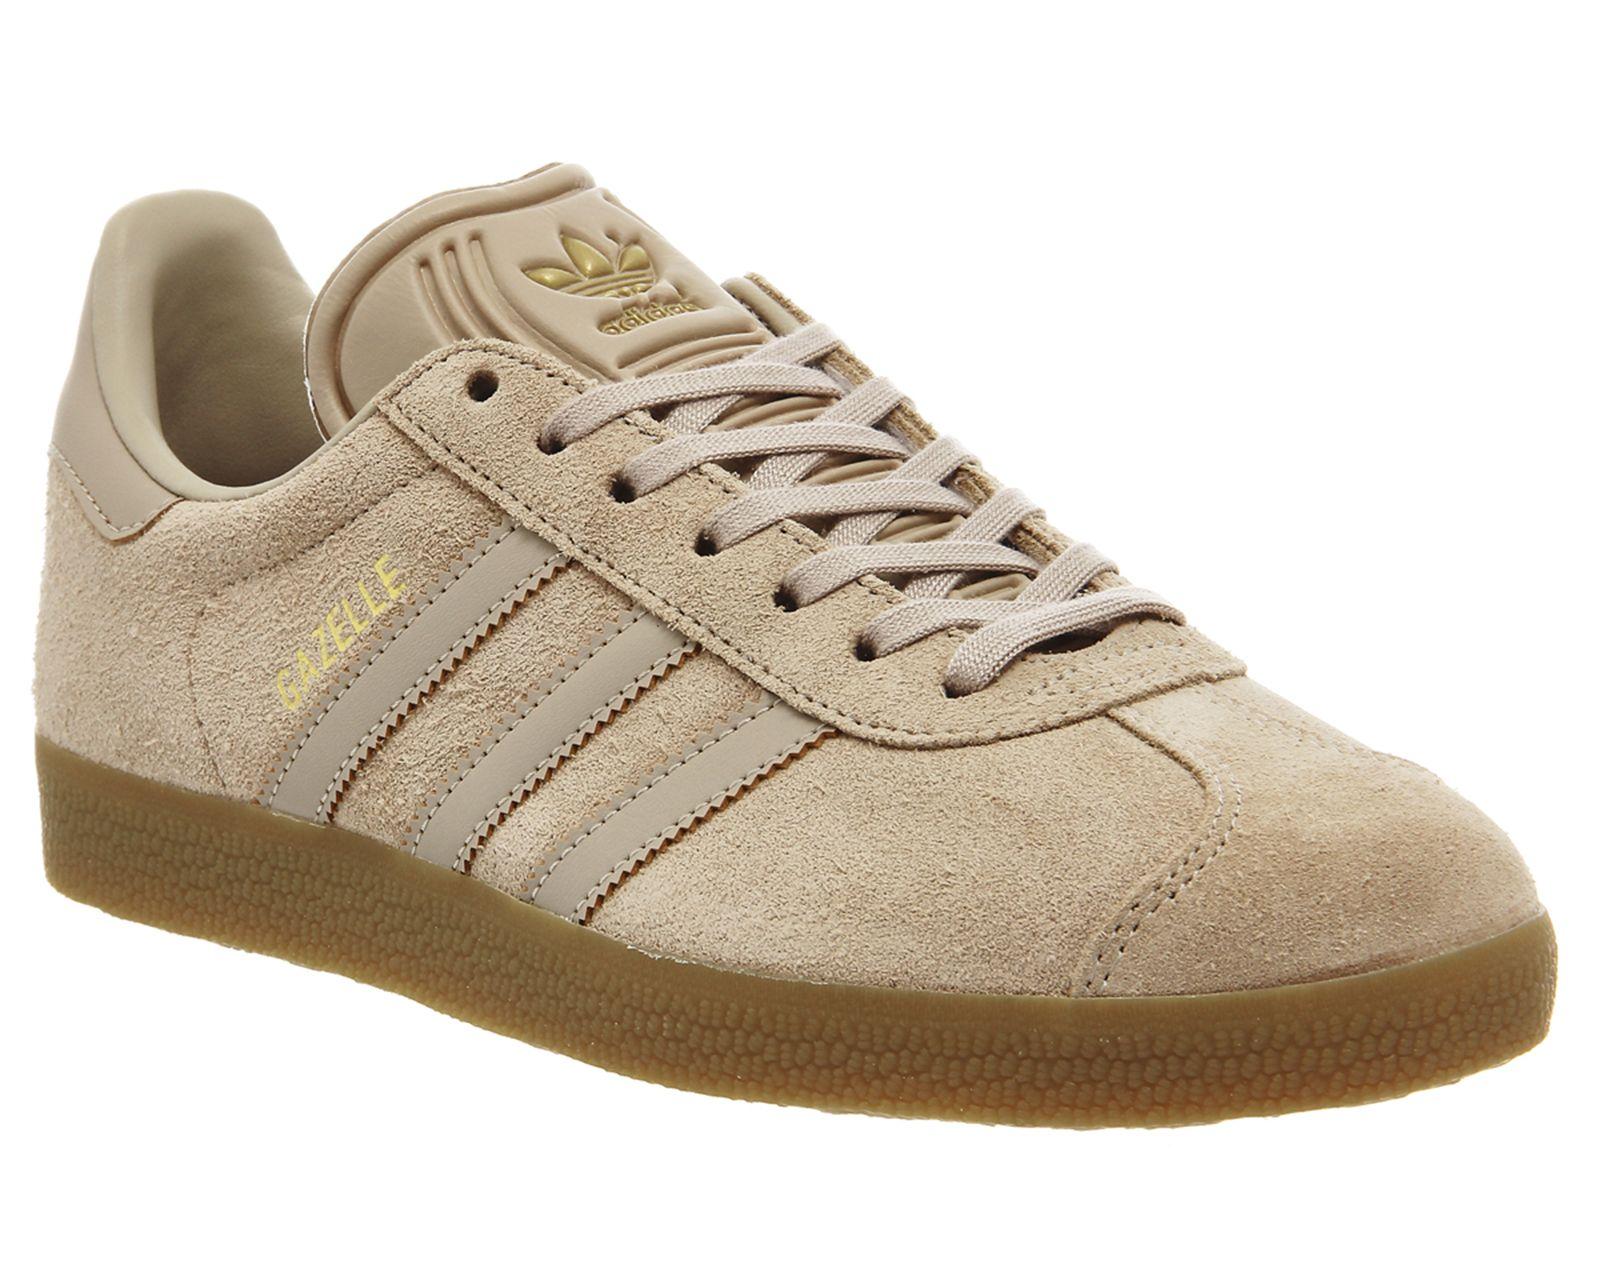 c17e885b9 Adidas Originals Gazelle